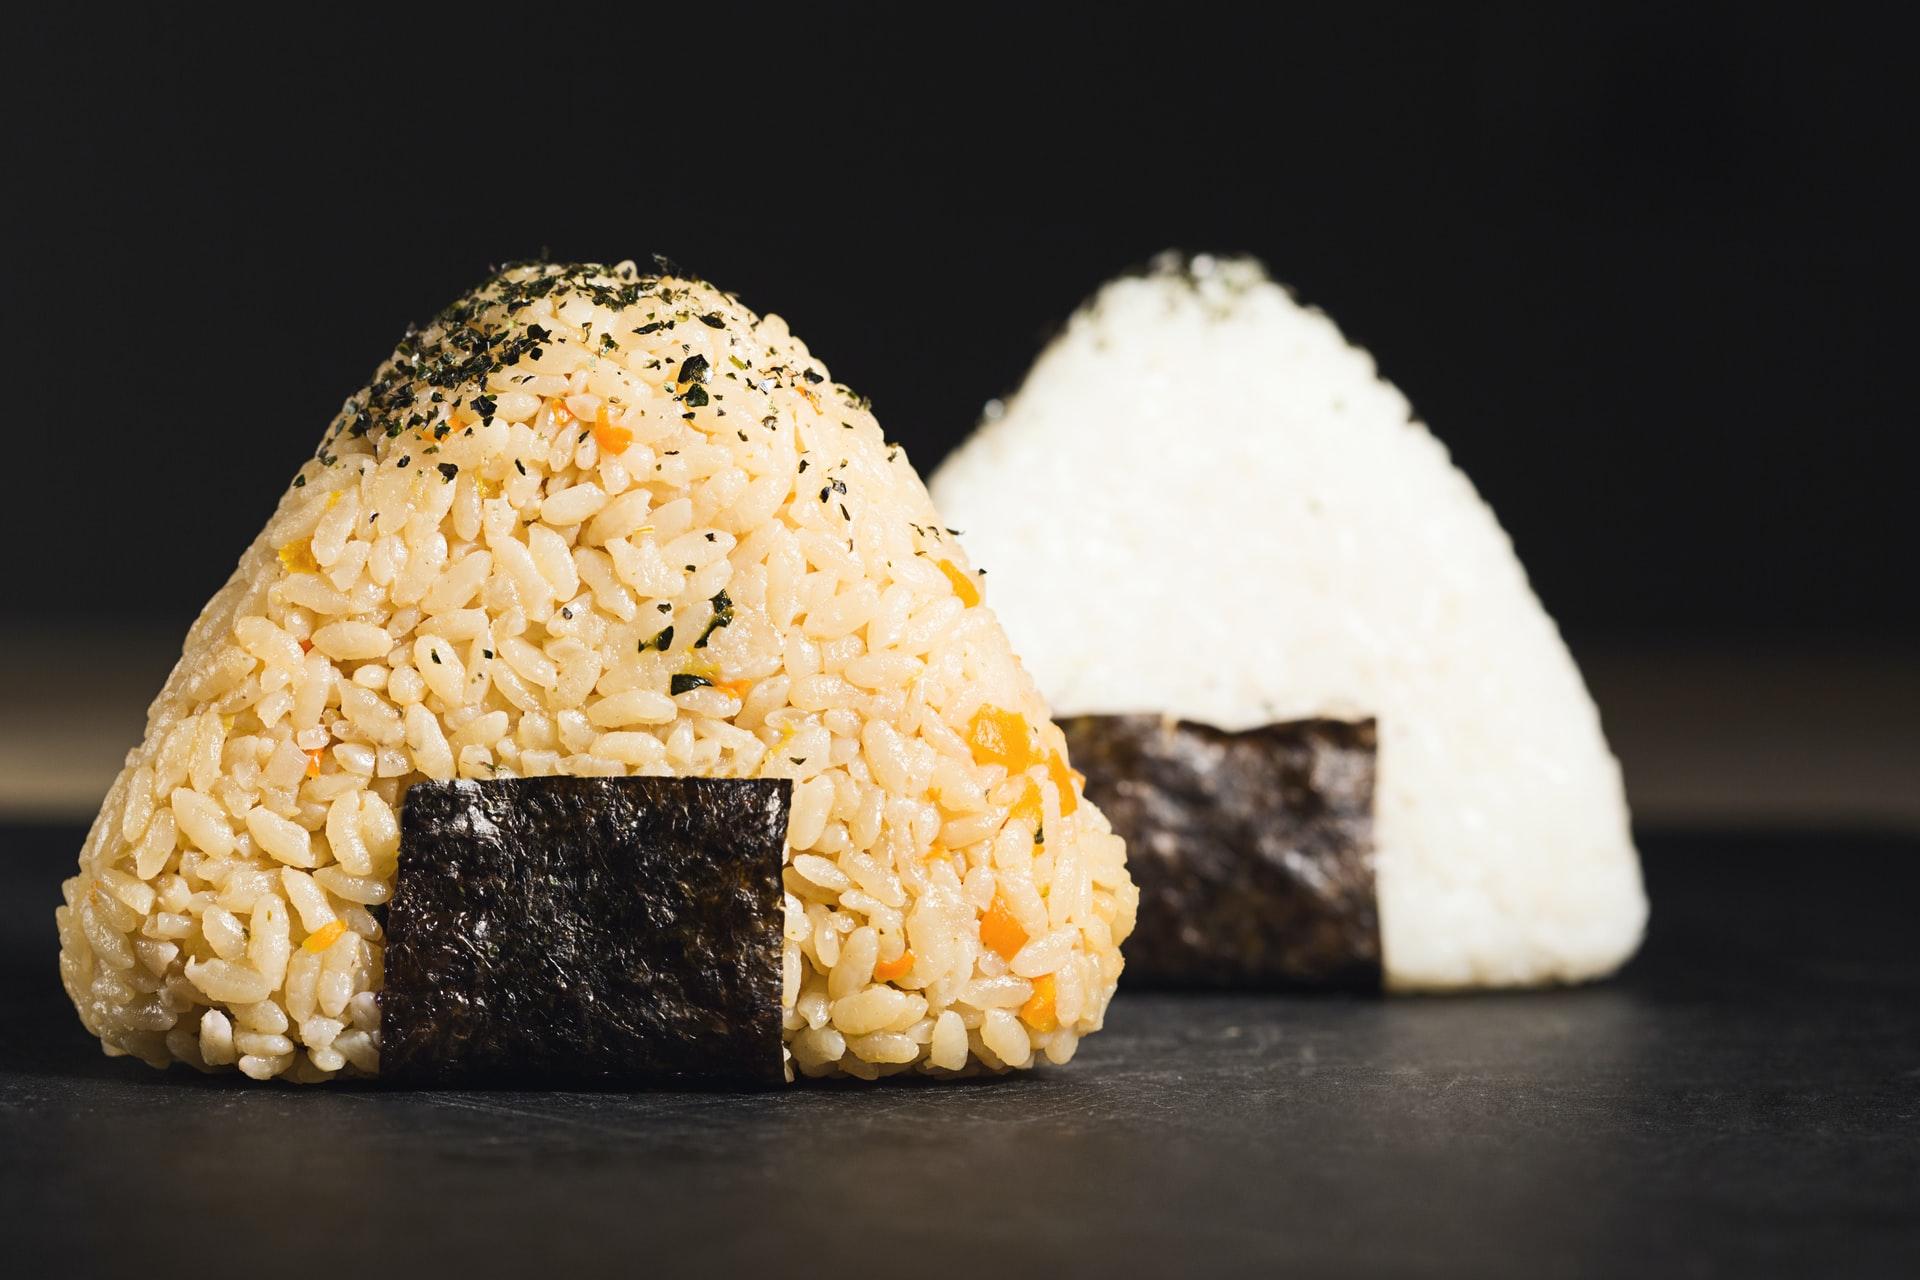 玄米のおにぎりと白米のおにぎり